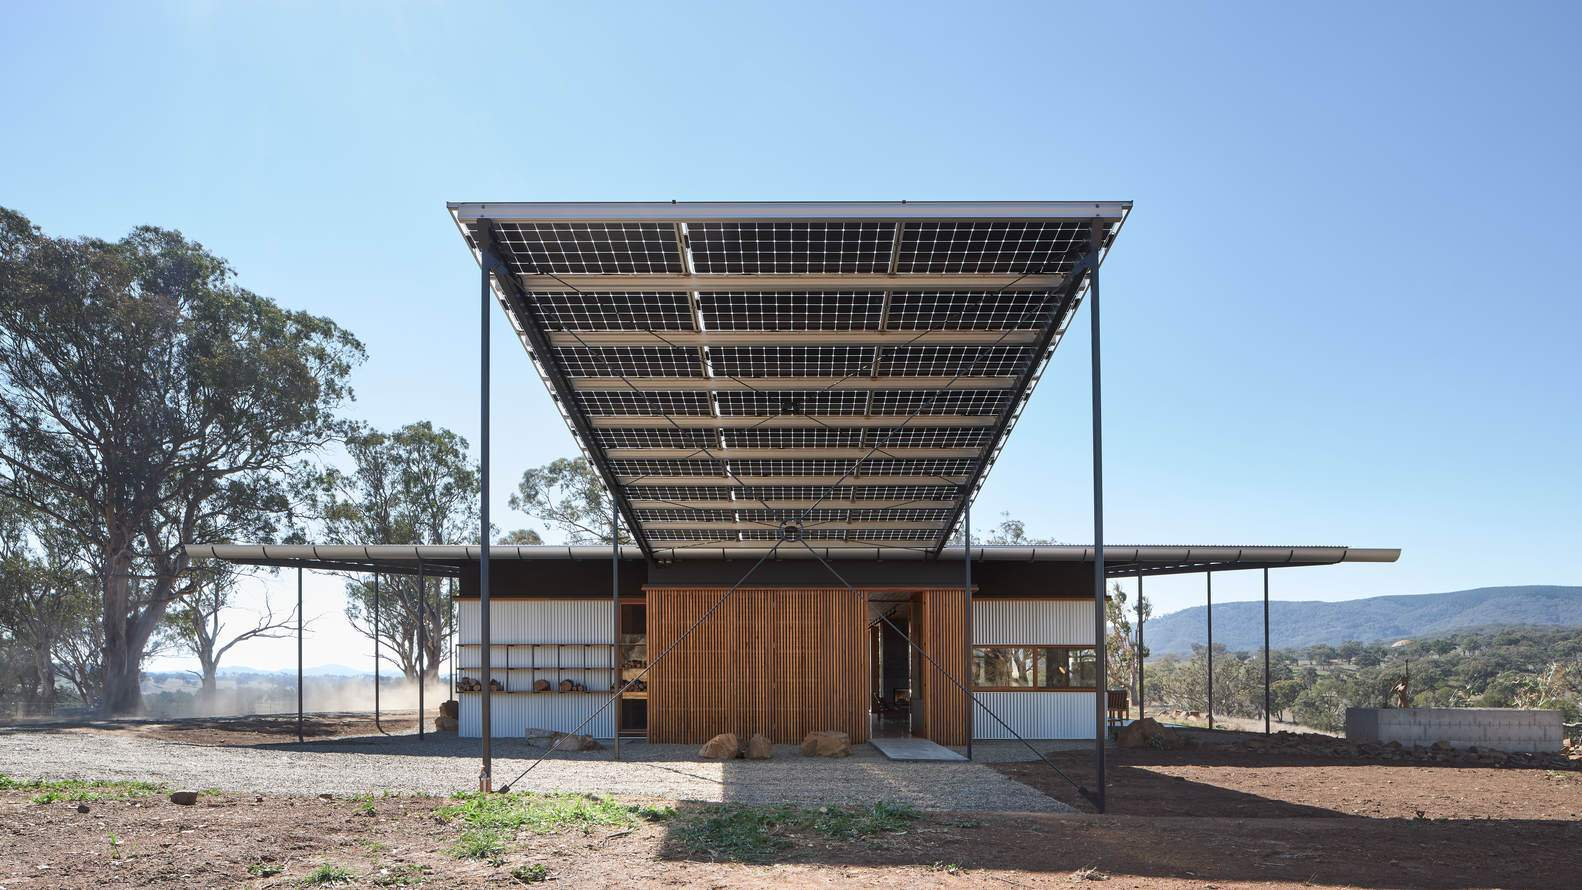 Энергосберегающий фермерский дом в виде перевернутой шляпы Акубры, Австралия